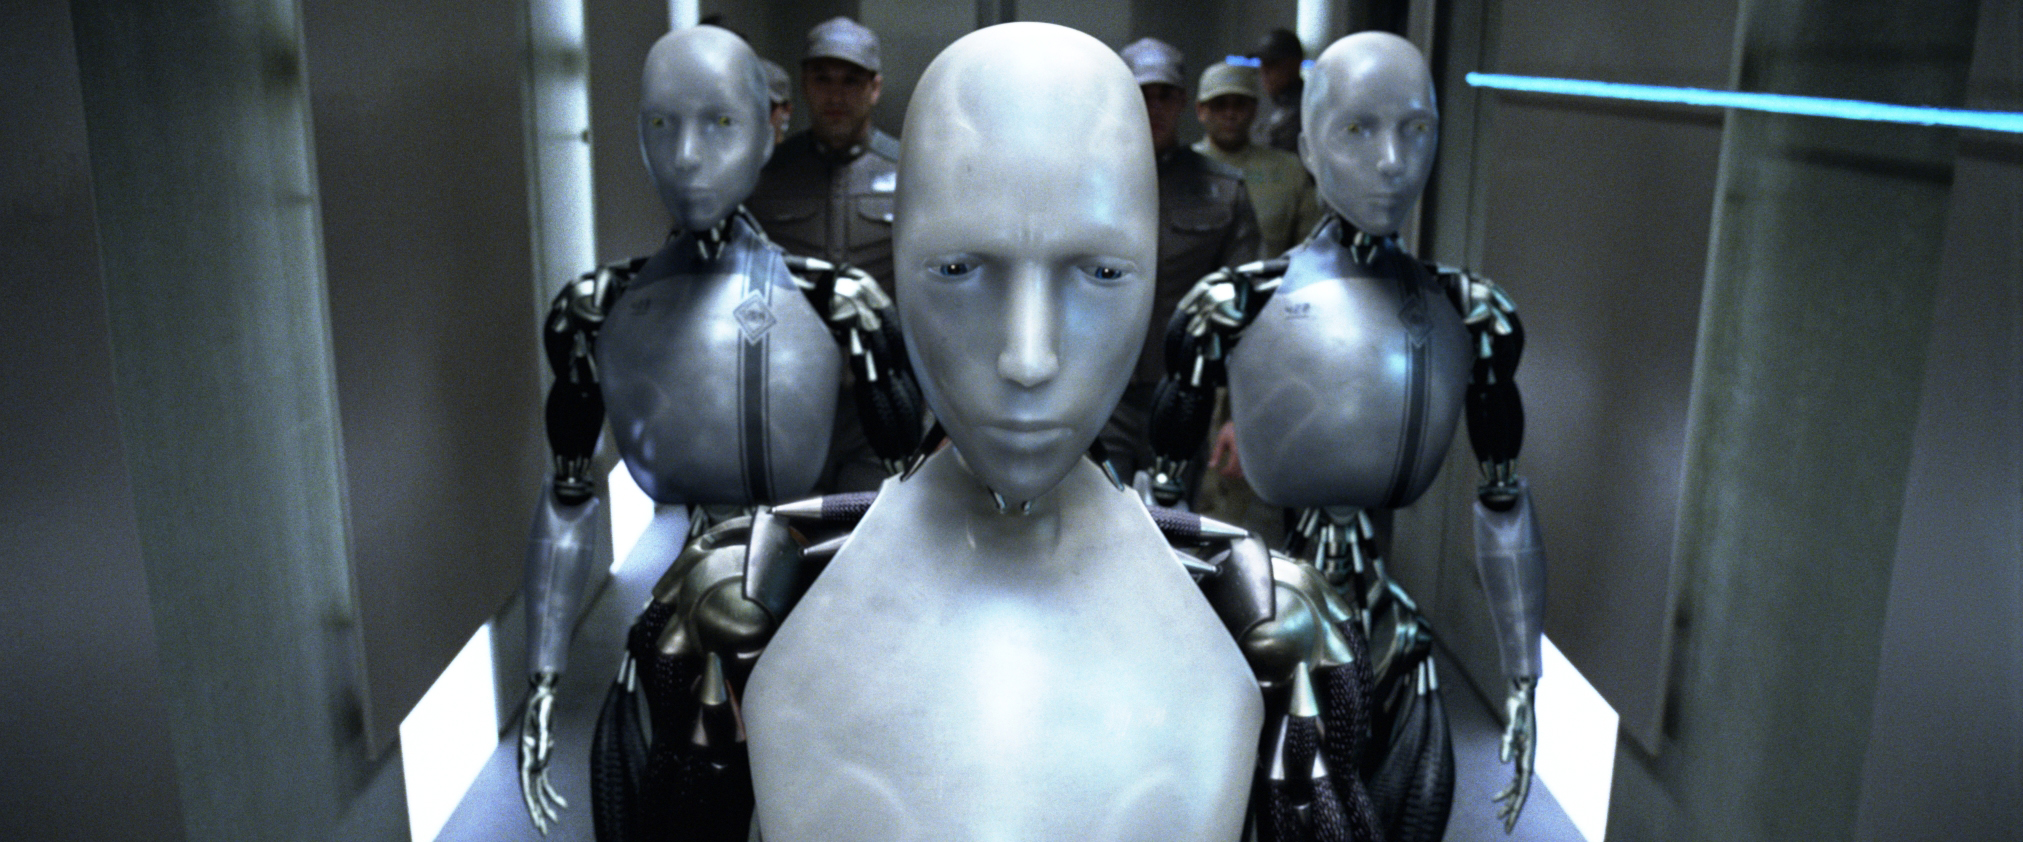 Creiamo robot per sentirci dio e poi temiamo blade runner - Robot per cucinare e cuocere ...